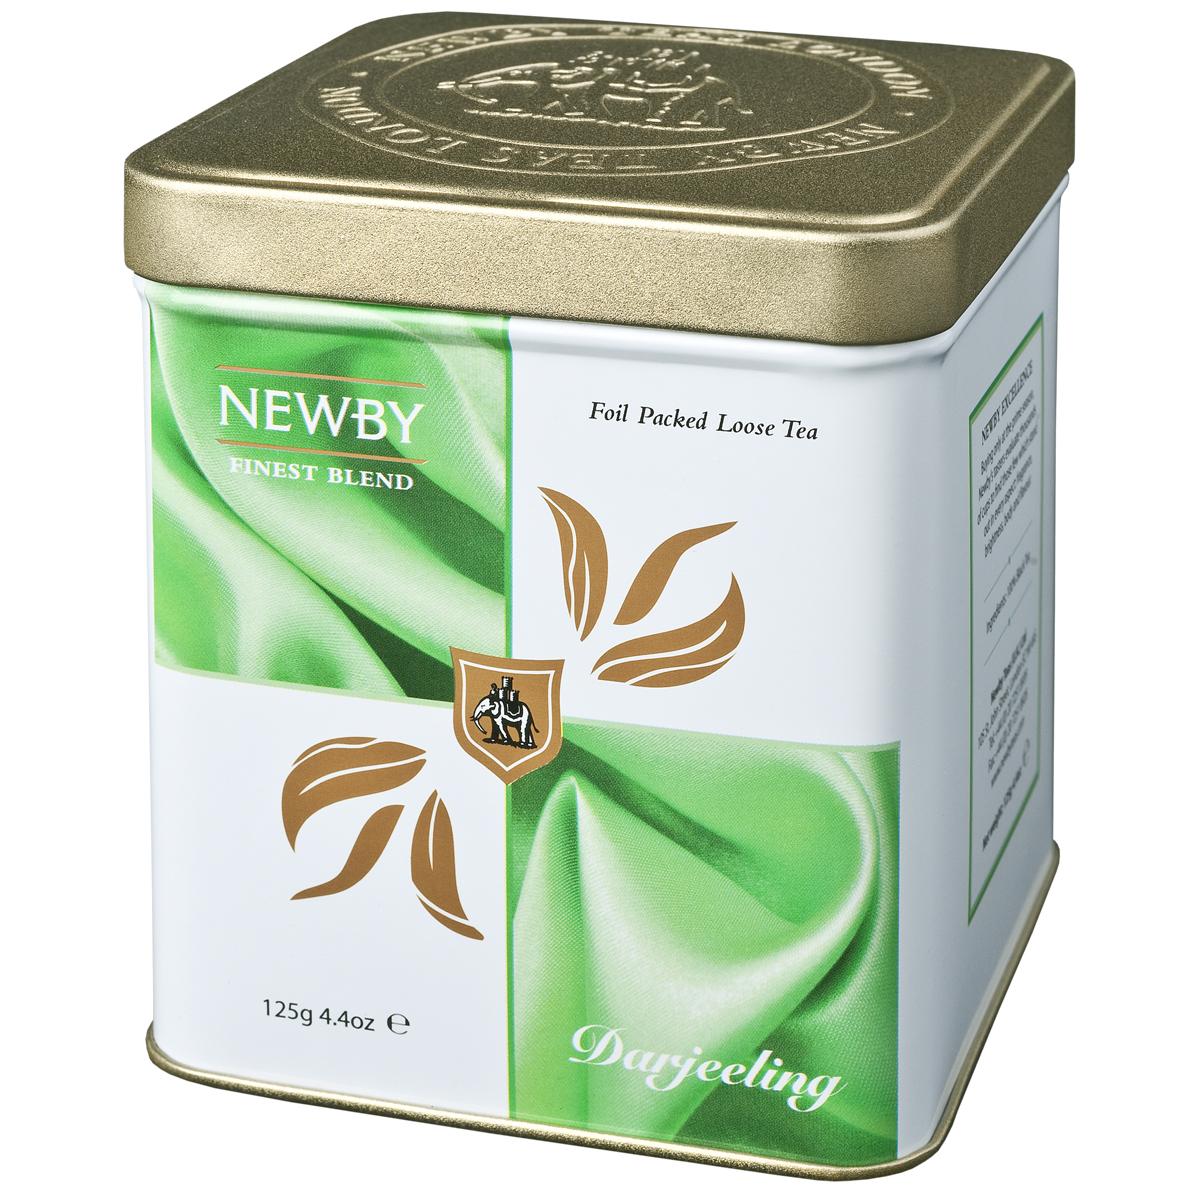 Newby Darjeeling черный листовой чай, 125 гTALTHA-BP0008Чай Newby Darjeeling получил название шампанского среди чаев. Серебристые типсы с зеленоватыми листьями, светло-янтарный настой, цветочный аромат и немного вяжущий мускатный привкус.